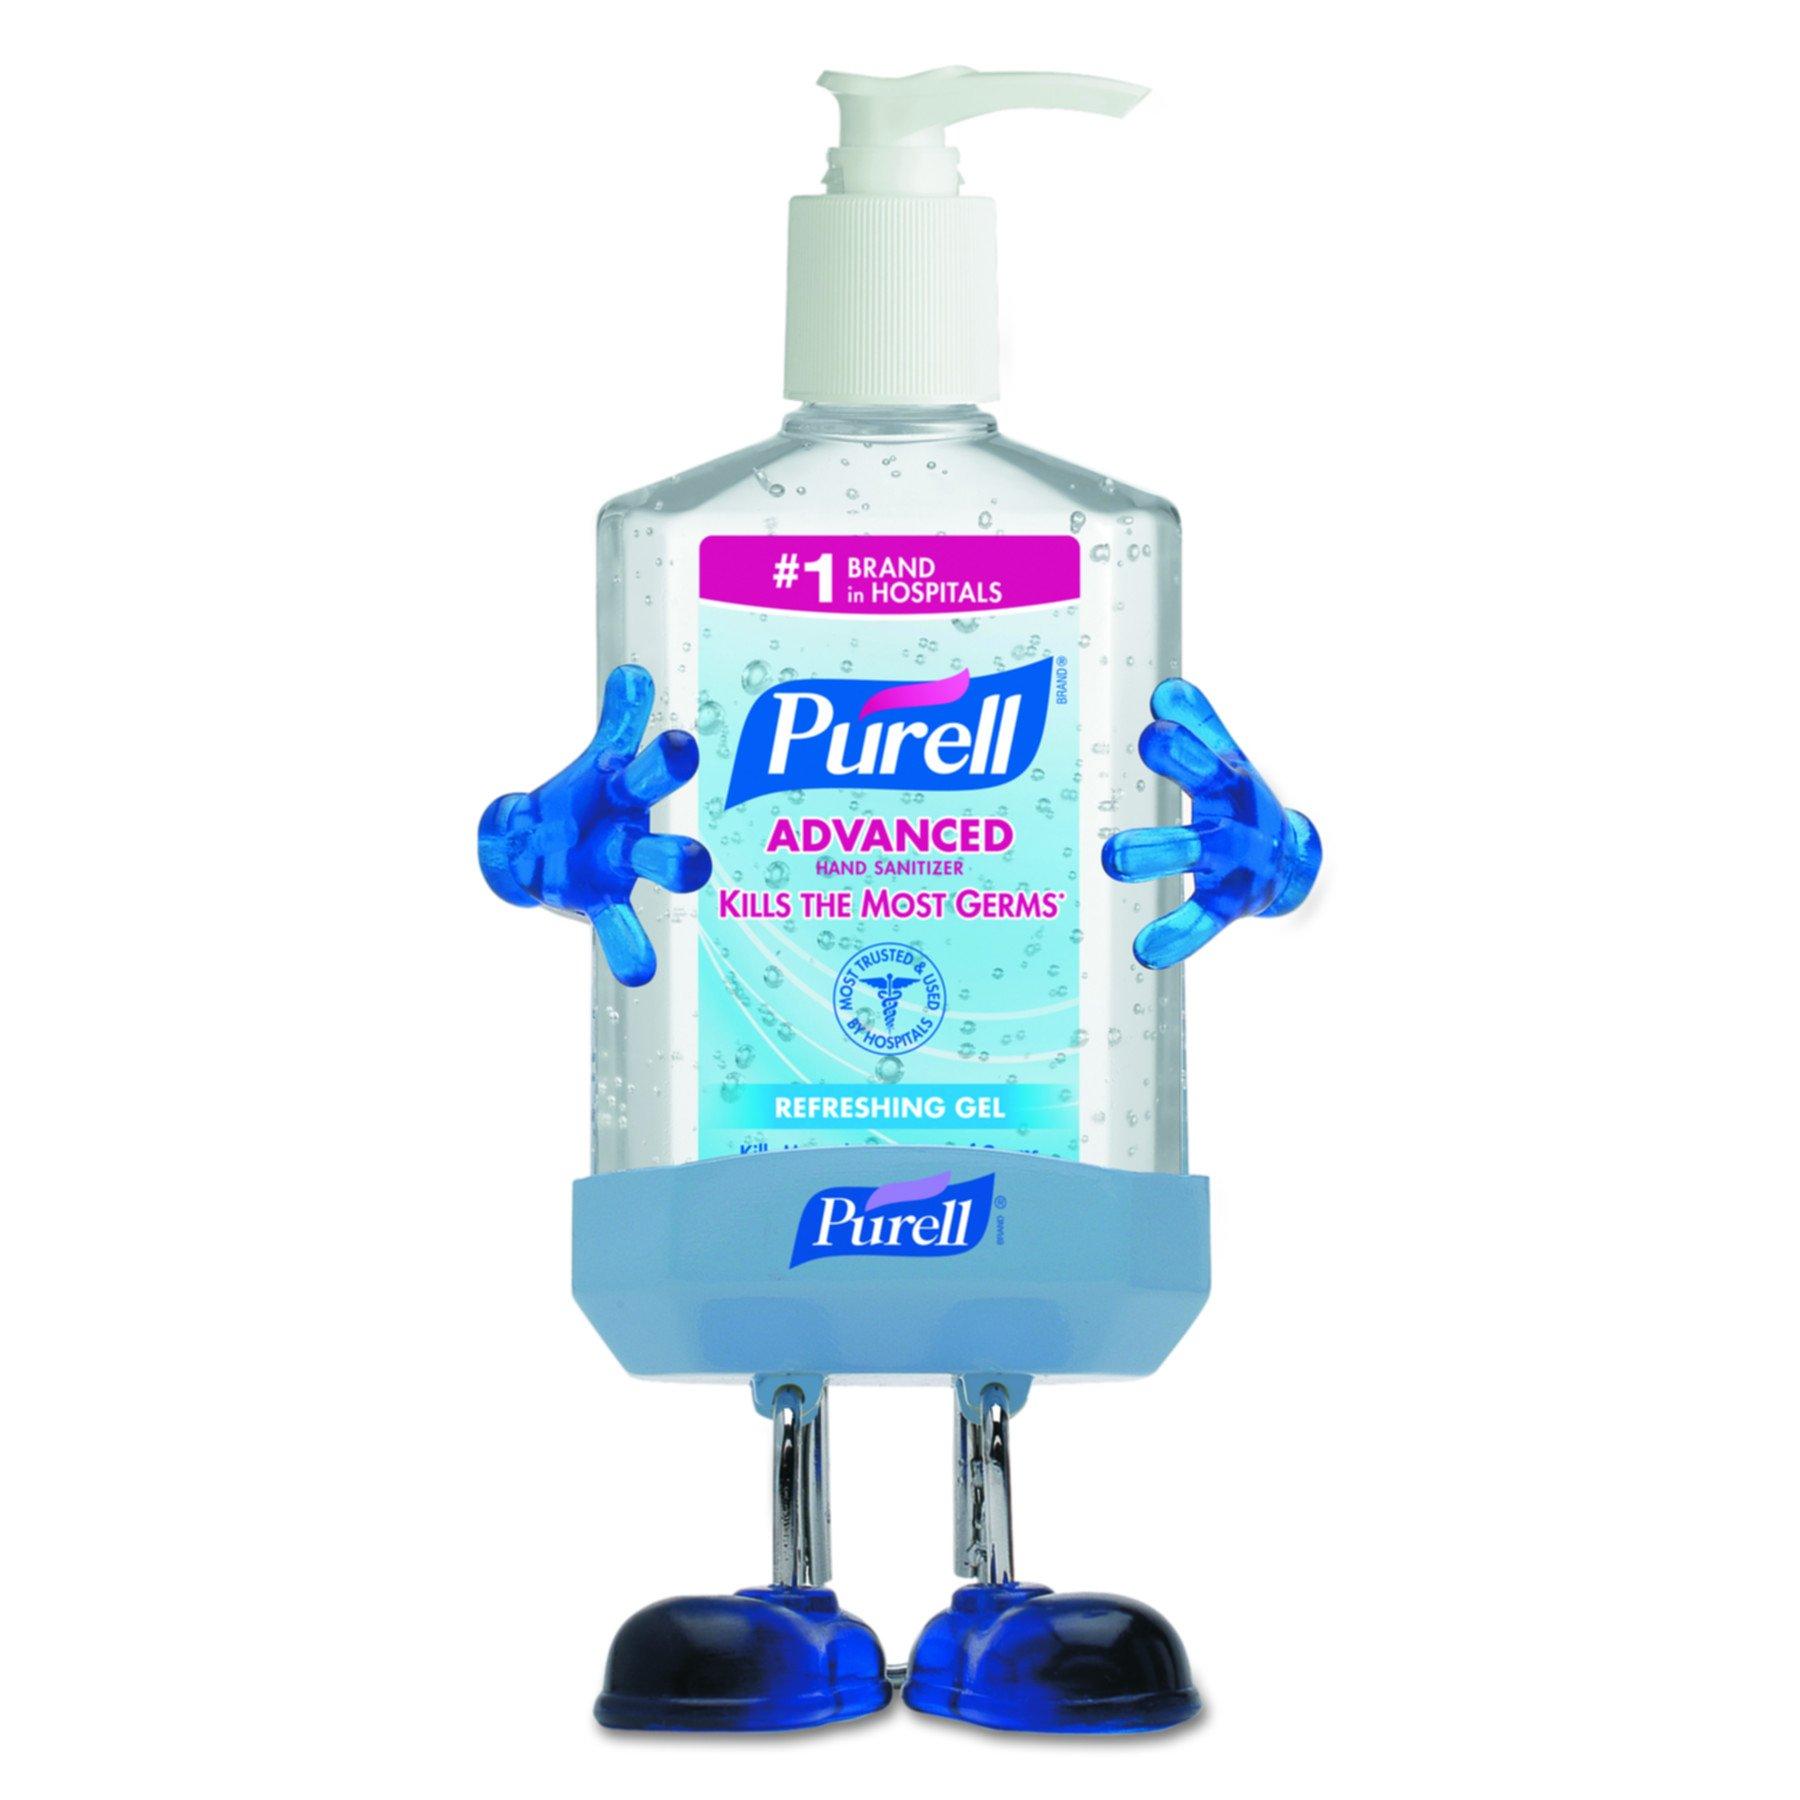 PURELL 9600PL1CT Pal Instant Hand Sanitizer Desktop Dispenser w/8oz Pump Bottle, 3wx3 1/2dx8 1/2h (Case of 12) by Purell